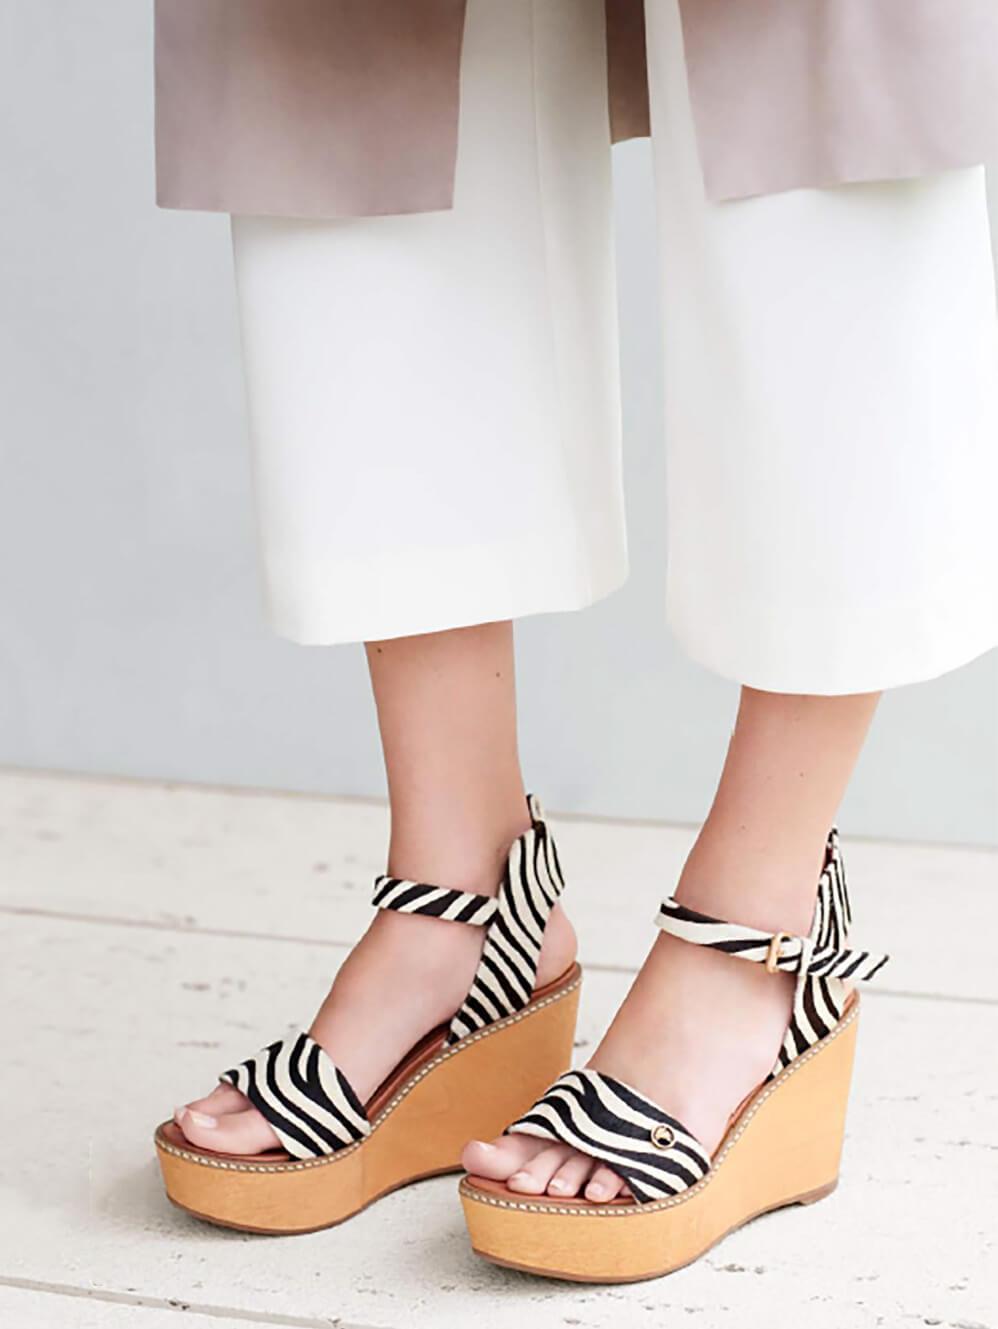 Joop-ss16-shoes